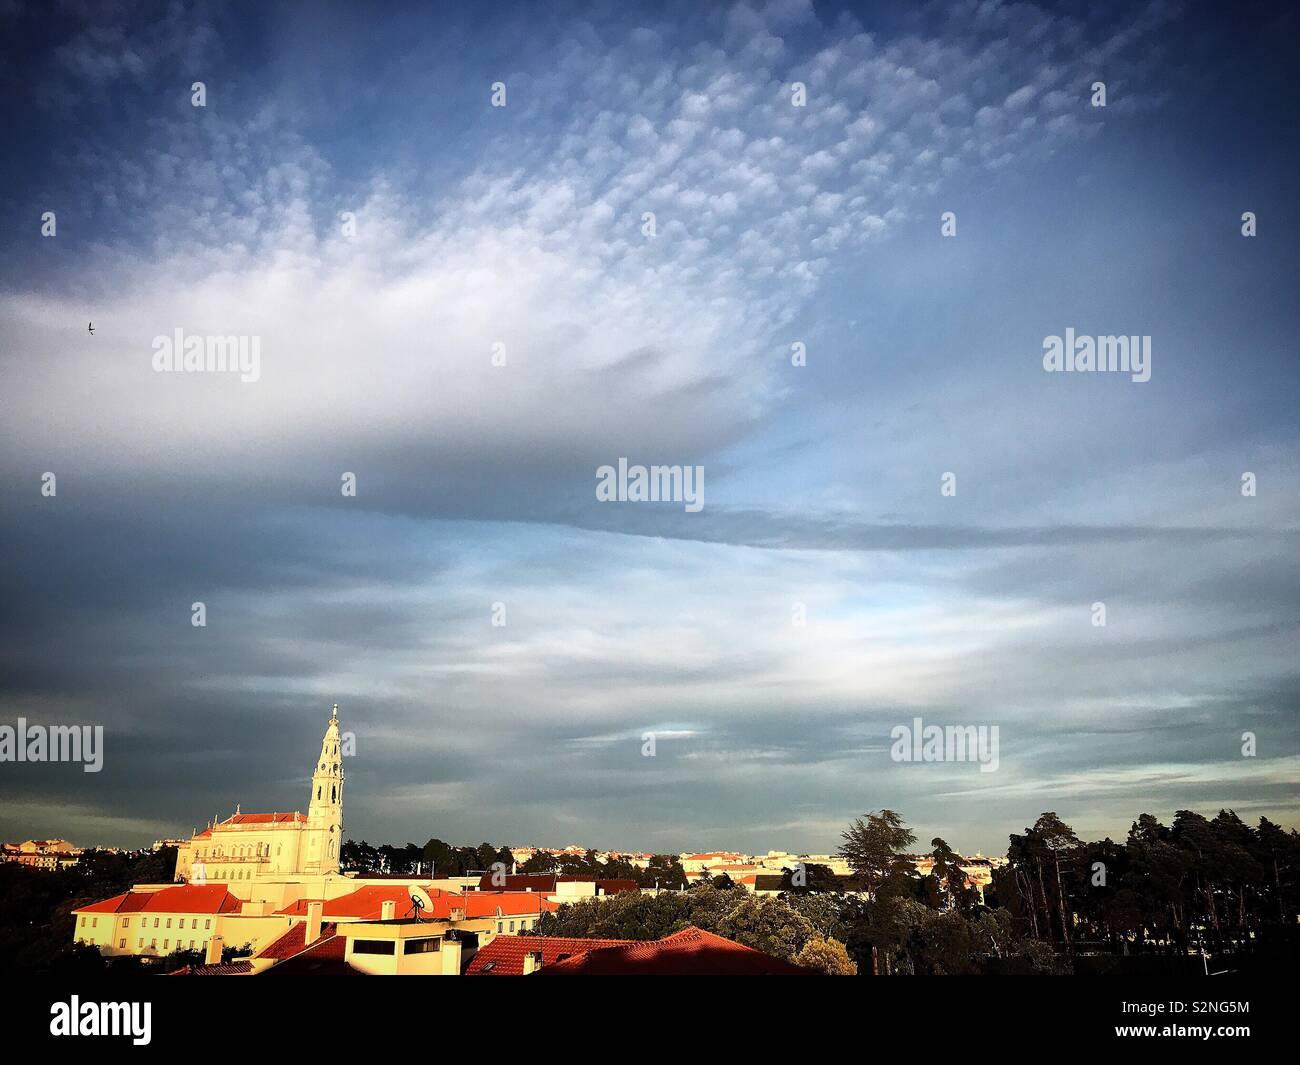 Una nuvola con la forma di una nuvola e una linea nera formata dal fumo da una pianura oltre la Nostra Signora del Rosario sactuary a Fatima, Portogallo Foto Stock